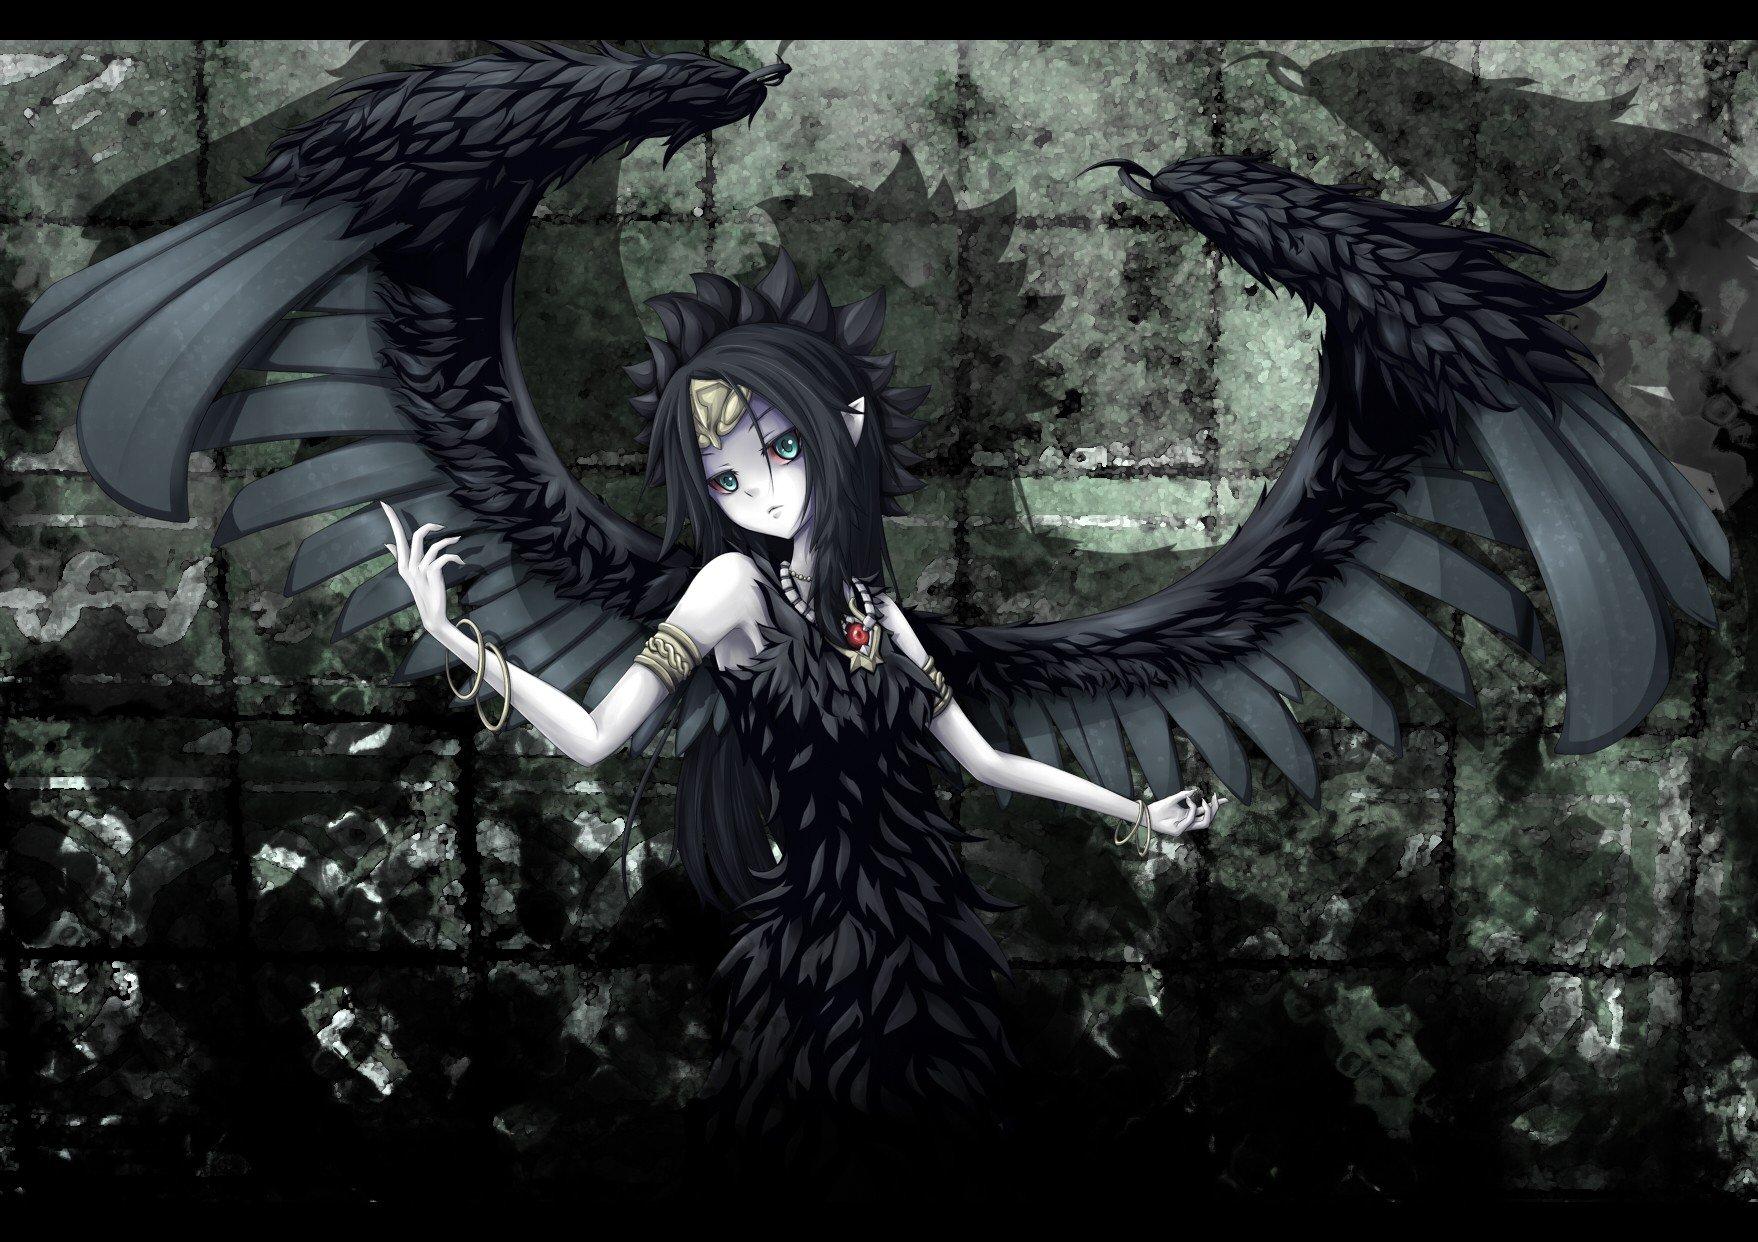 Картинки аниме ангелов тьмы